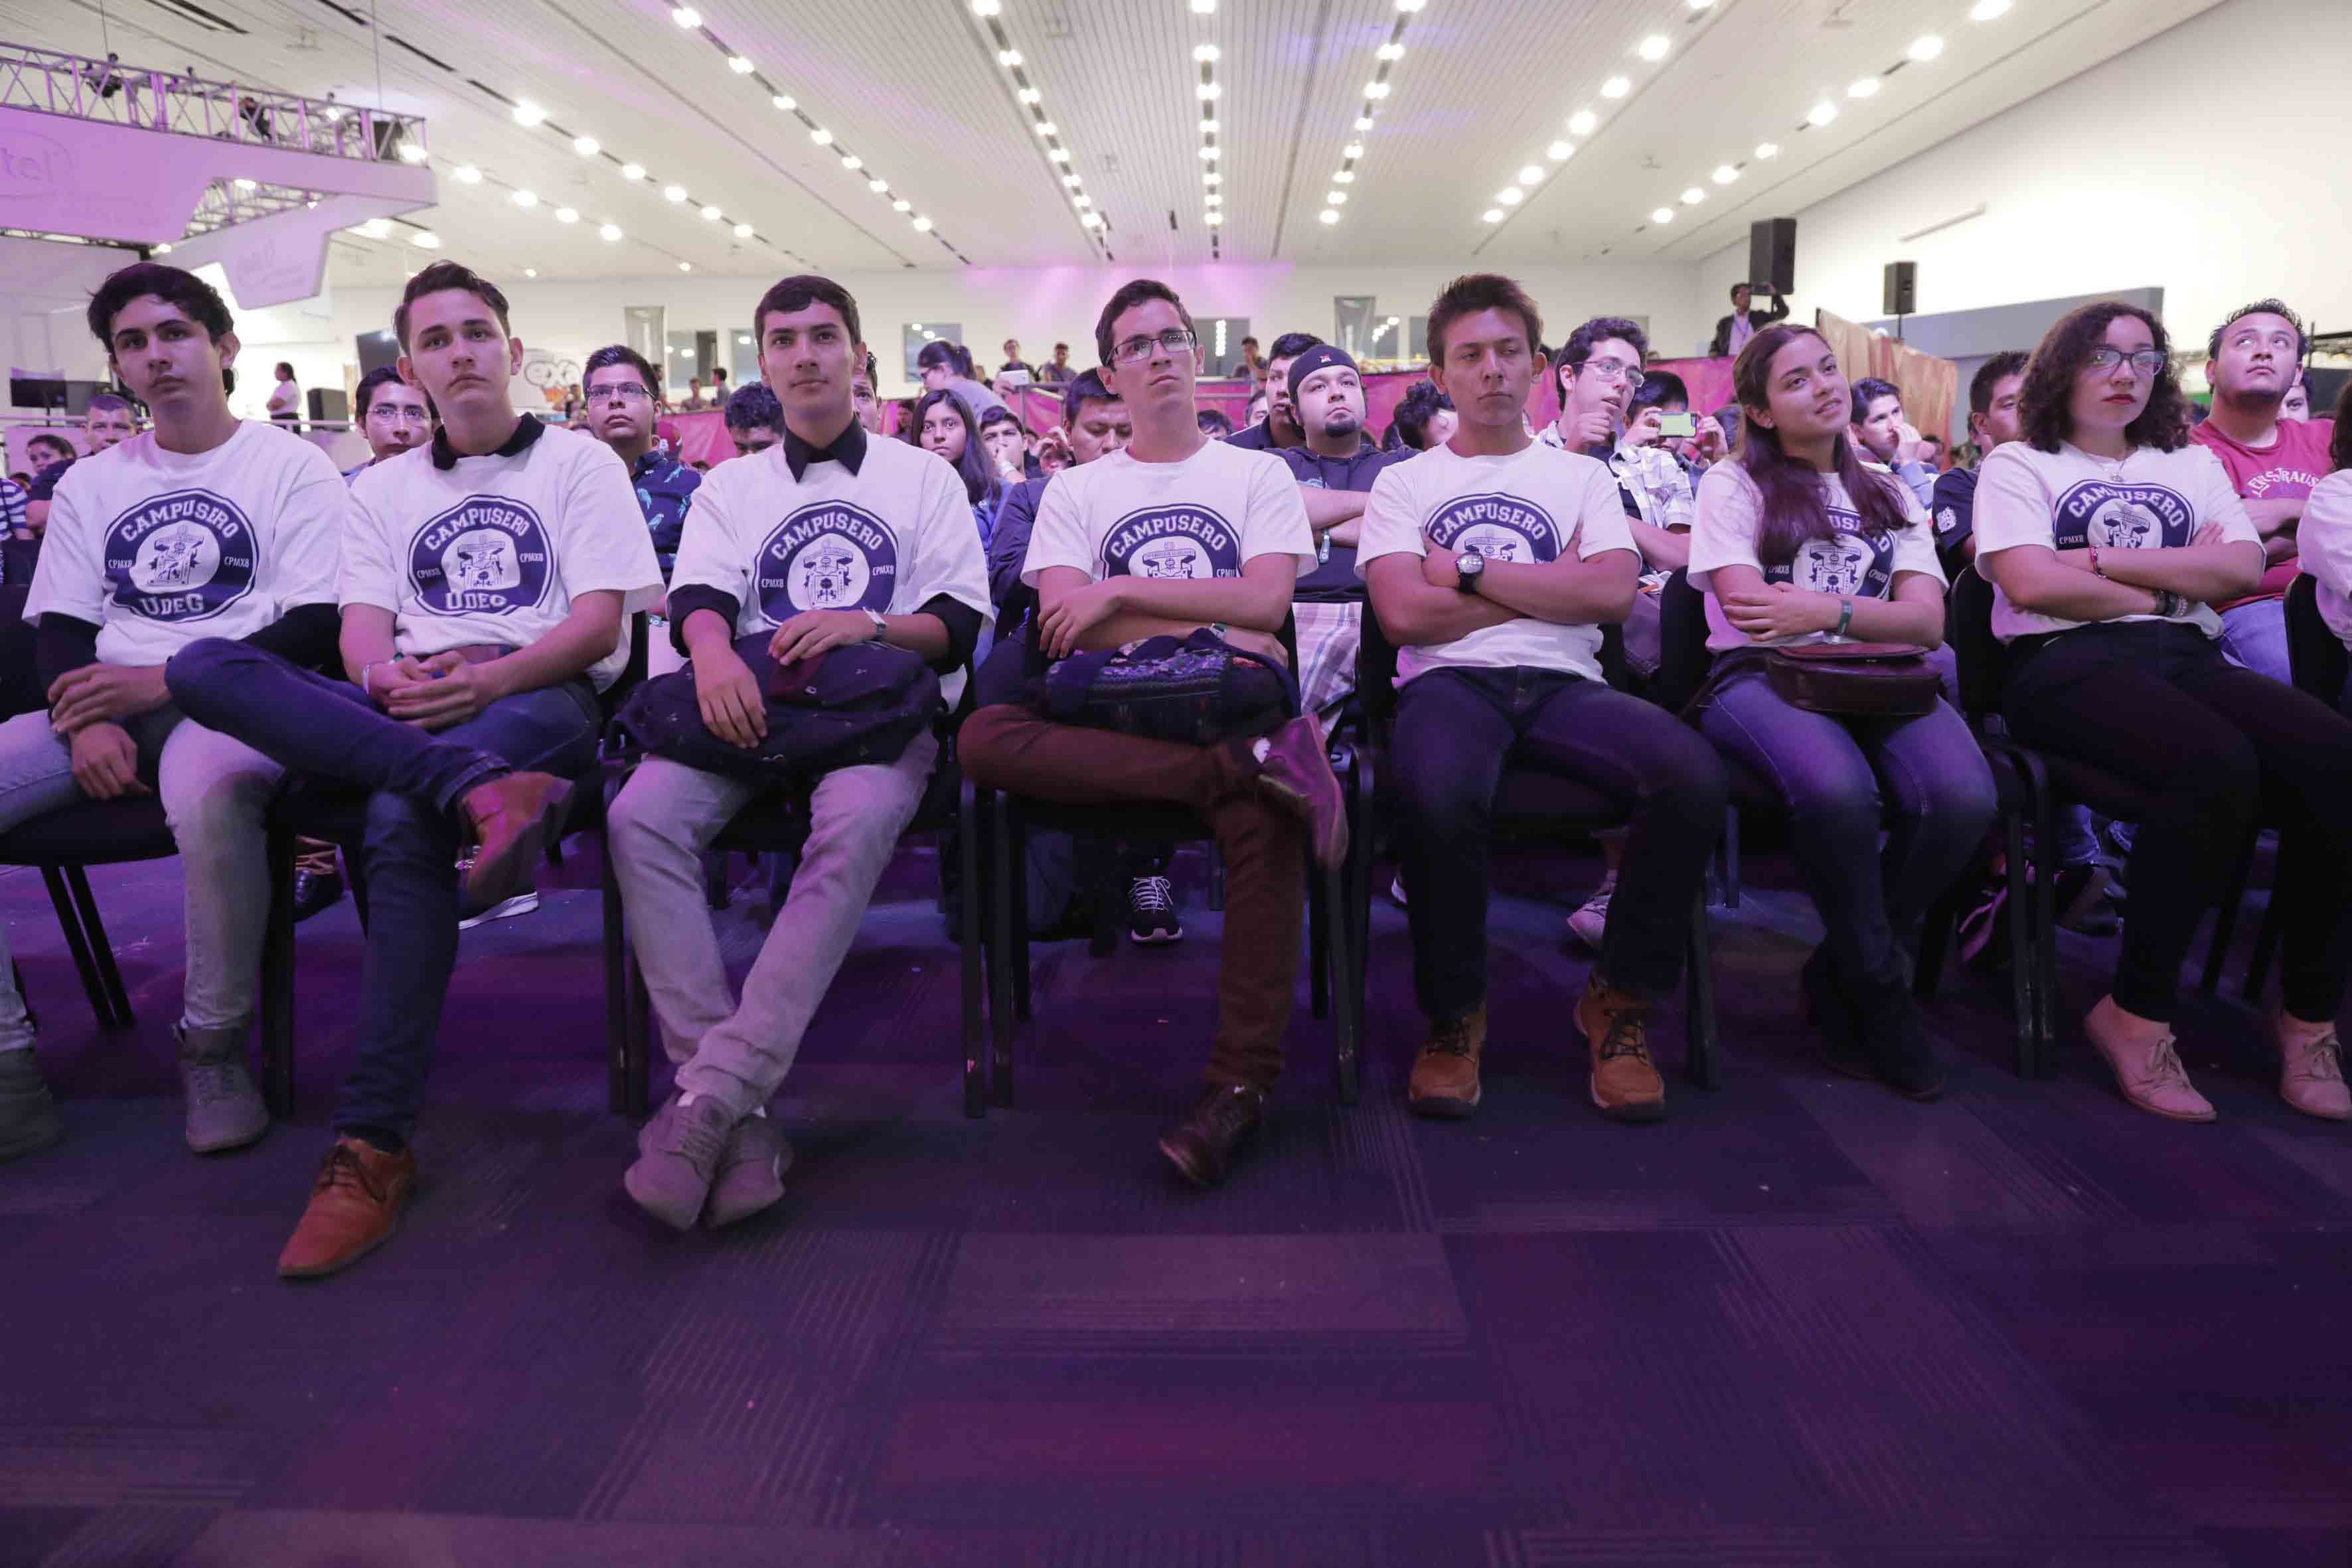 Estudiantes de diversos centros, de la Universidad de Guadalajara, asistentes a Campus Party 2017.